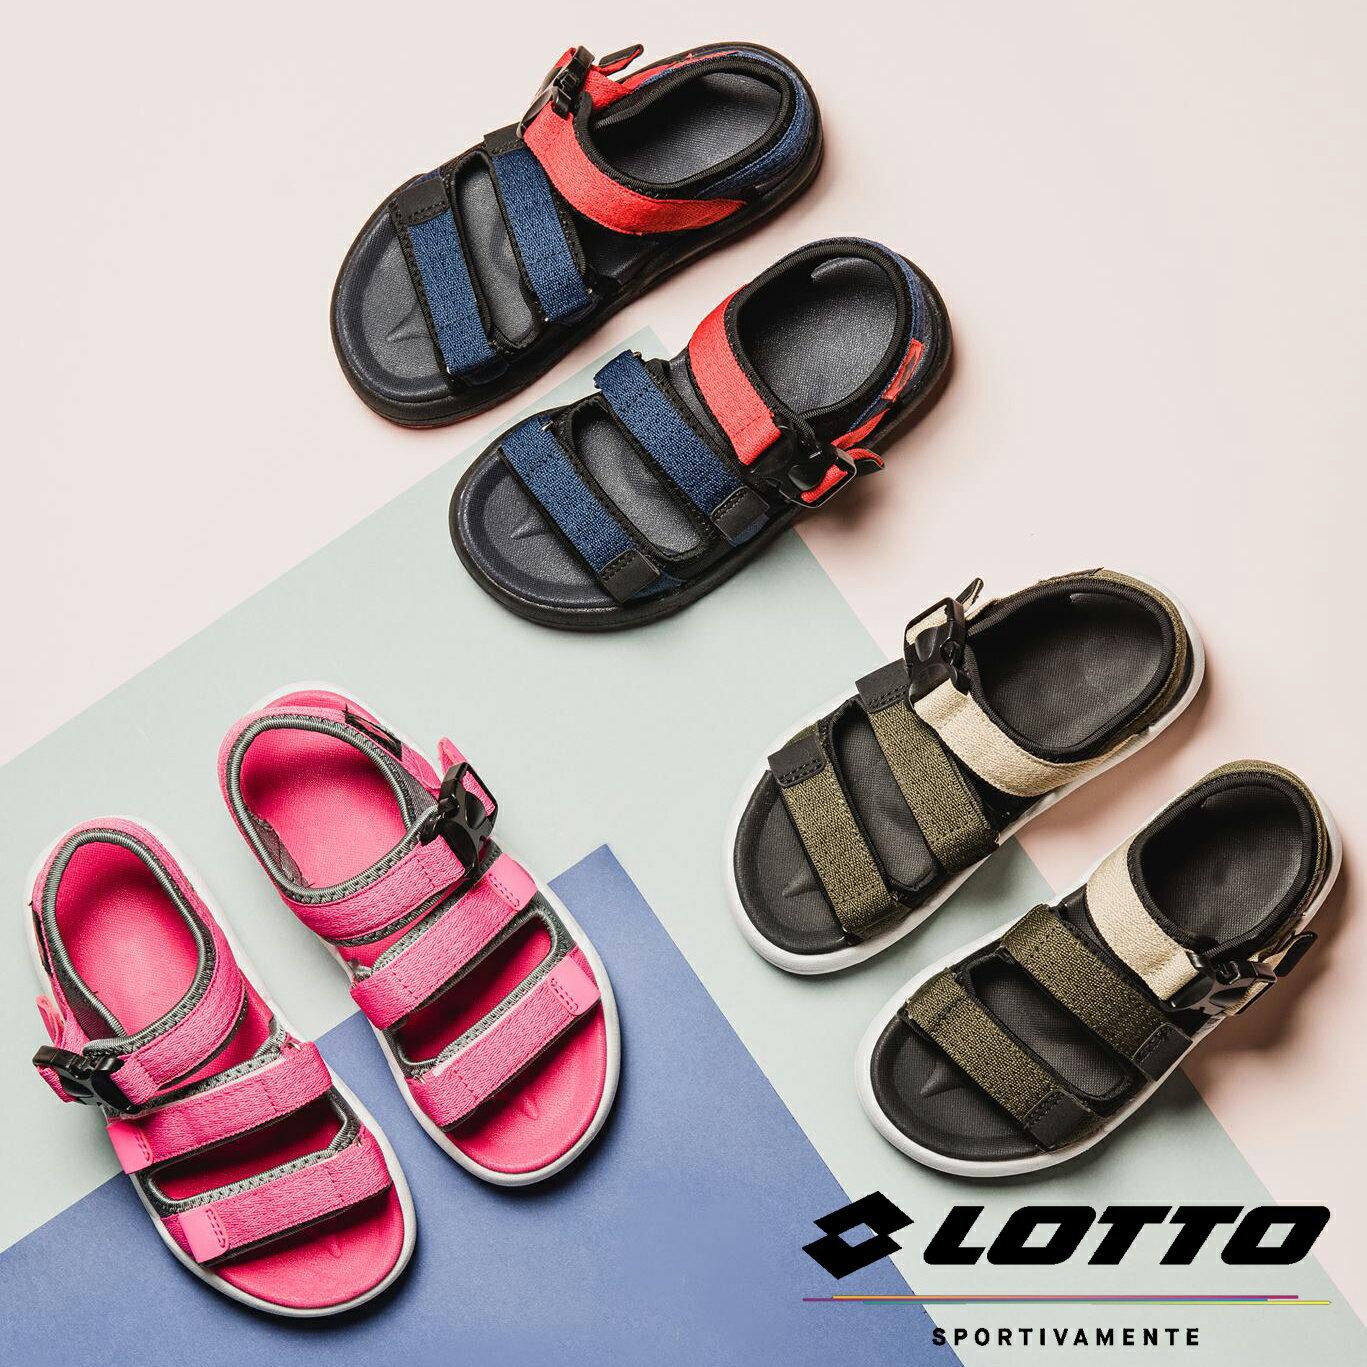 【巷子屋】義大利第一品牌-LOTTO樂得 童款輕量織帶涼鞋 [6383粉紅 6385軍綠 6386藍紅] 超值價$750